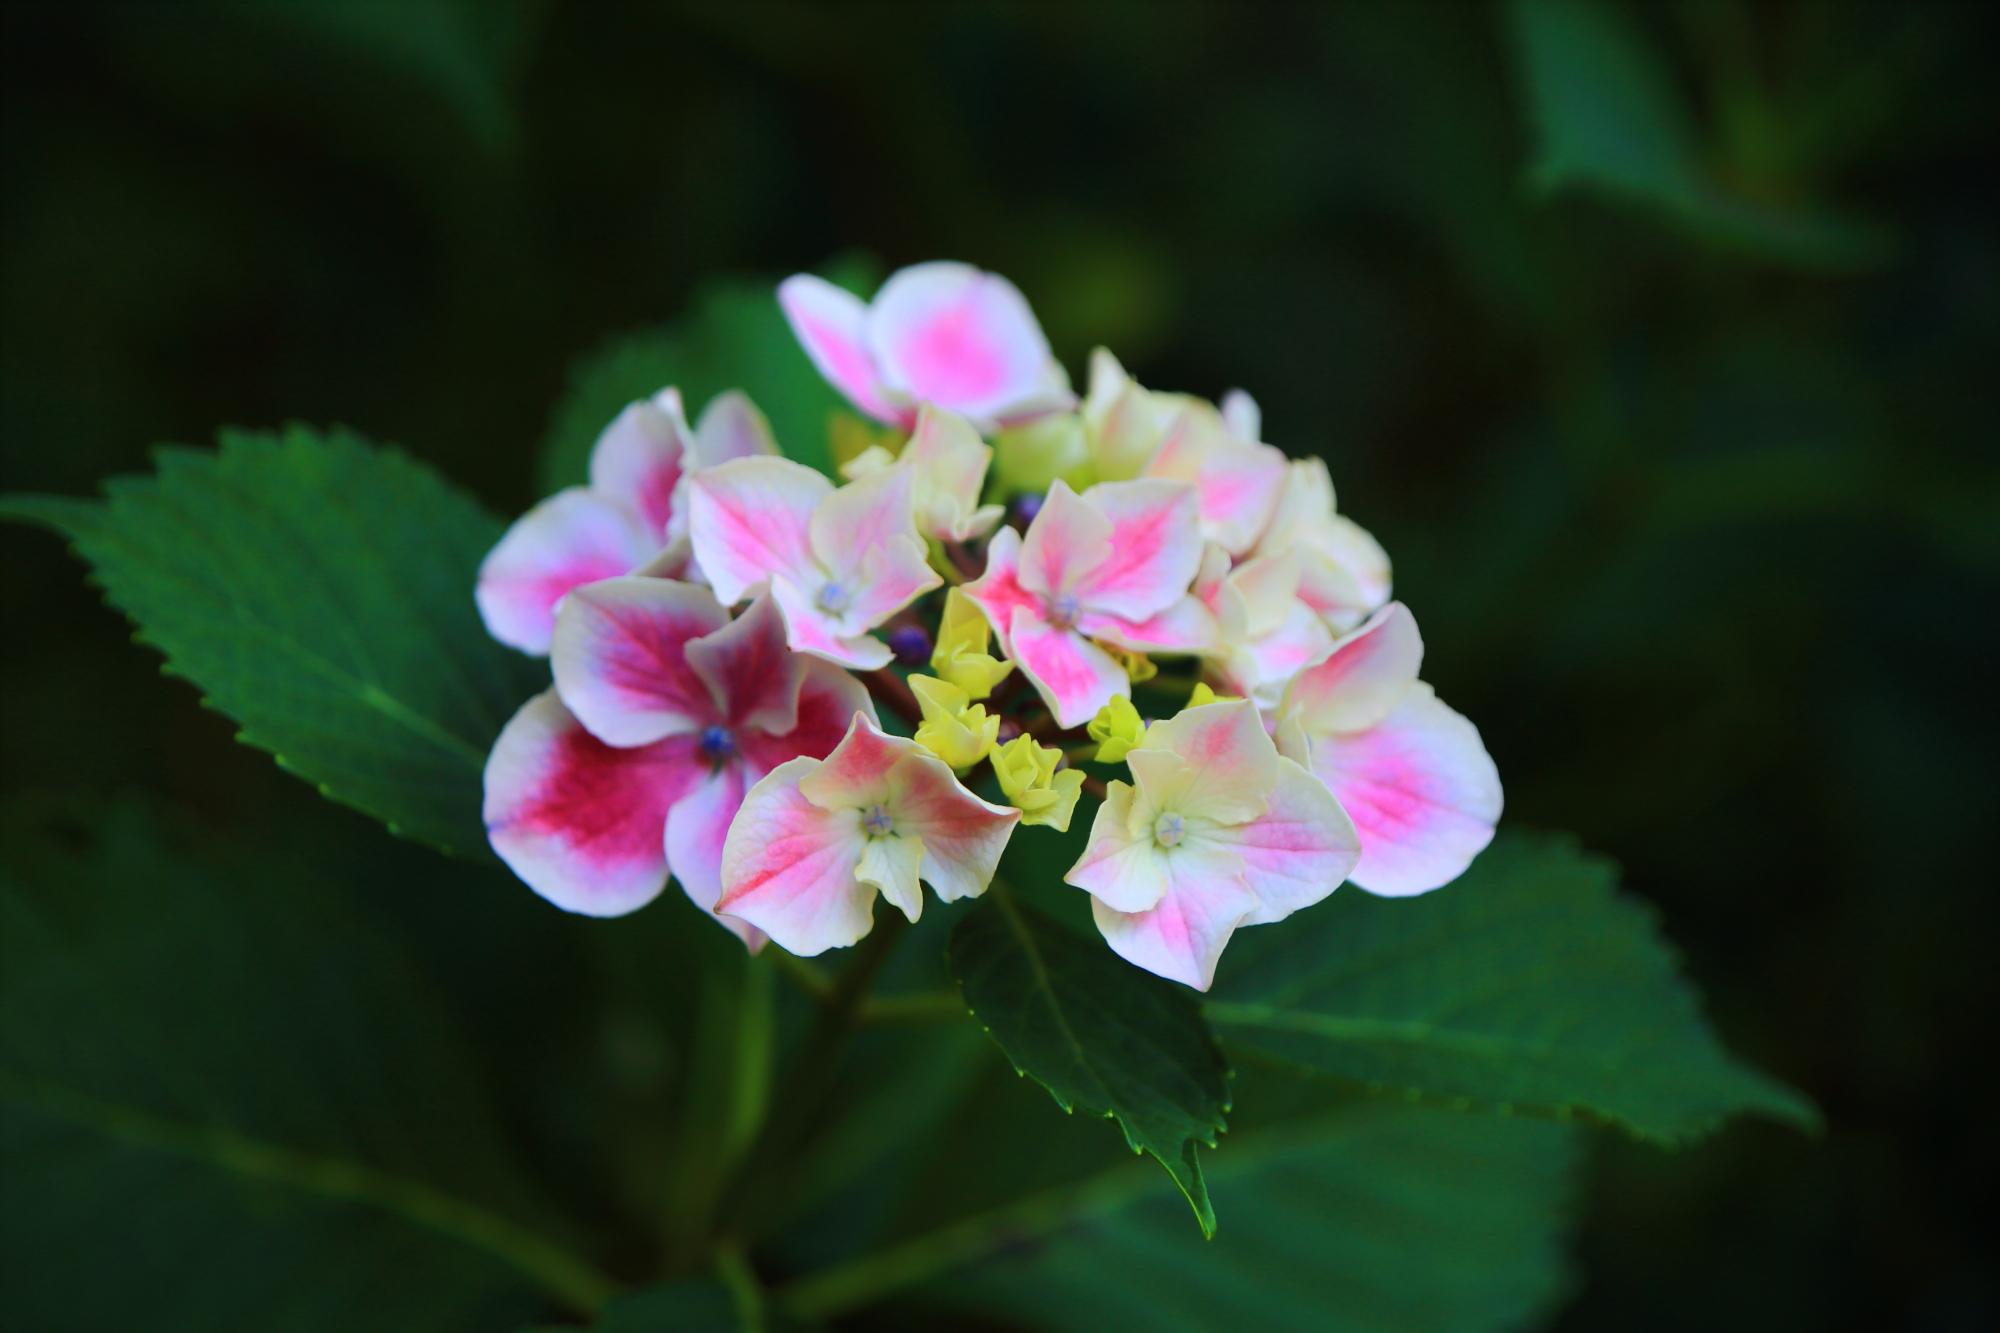 梅宮大社のピンクと白の可愛いすぎる紫陽花